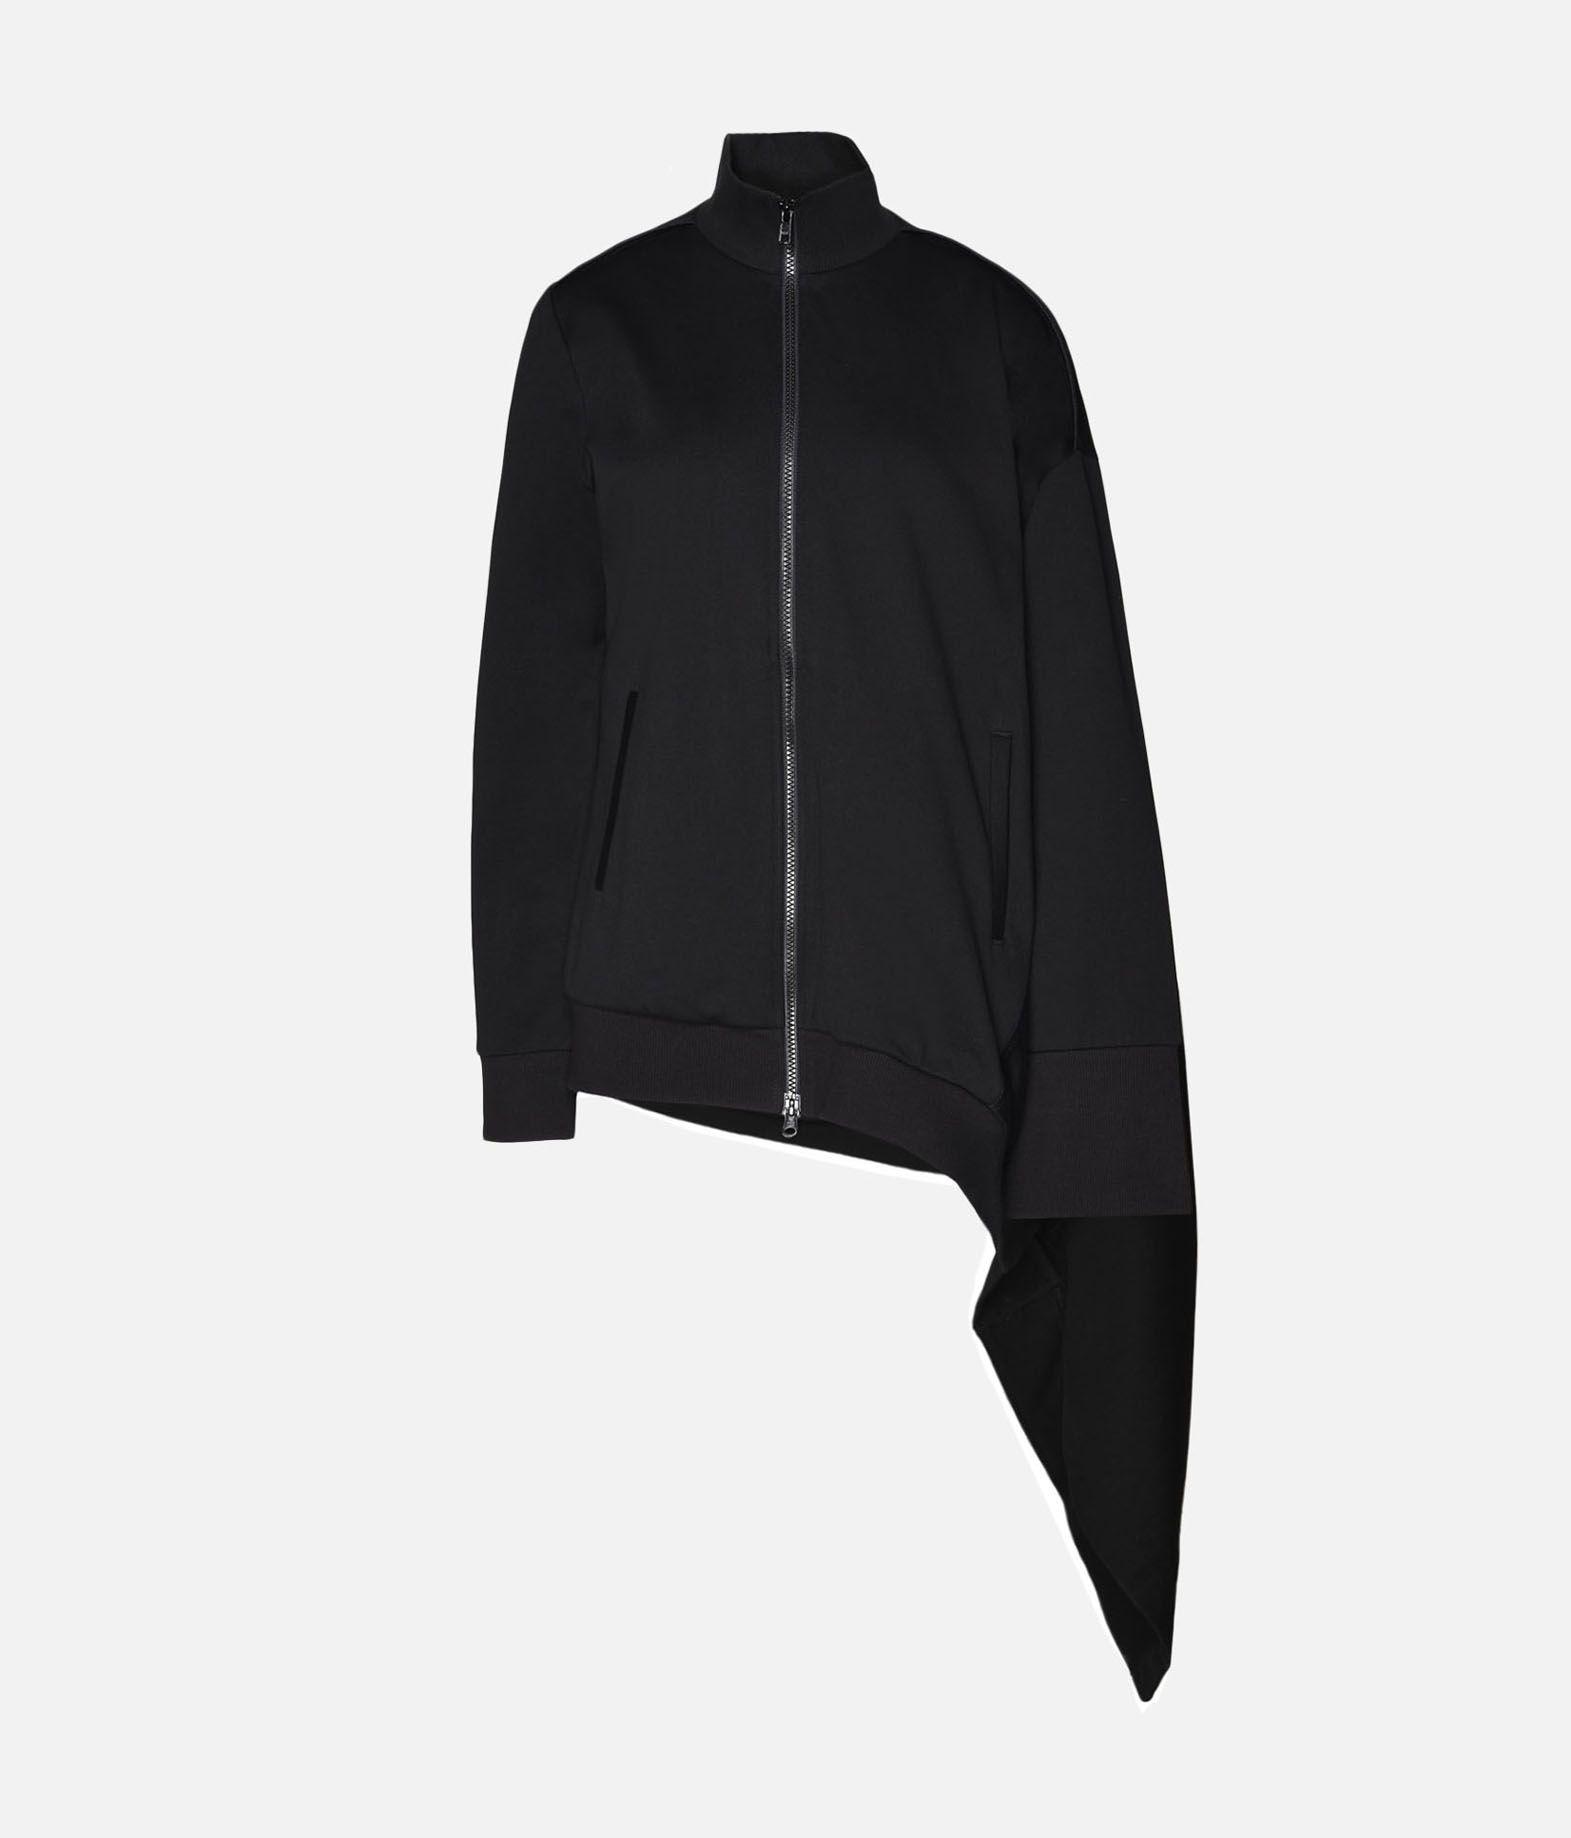 Y-3 Y-3 Tailed Track Jacket Пиджак Для Женщин f